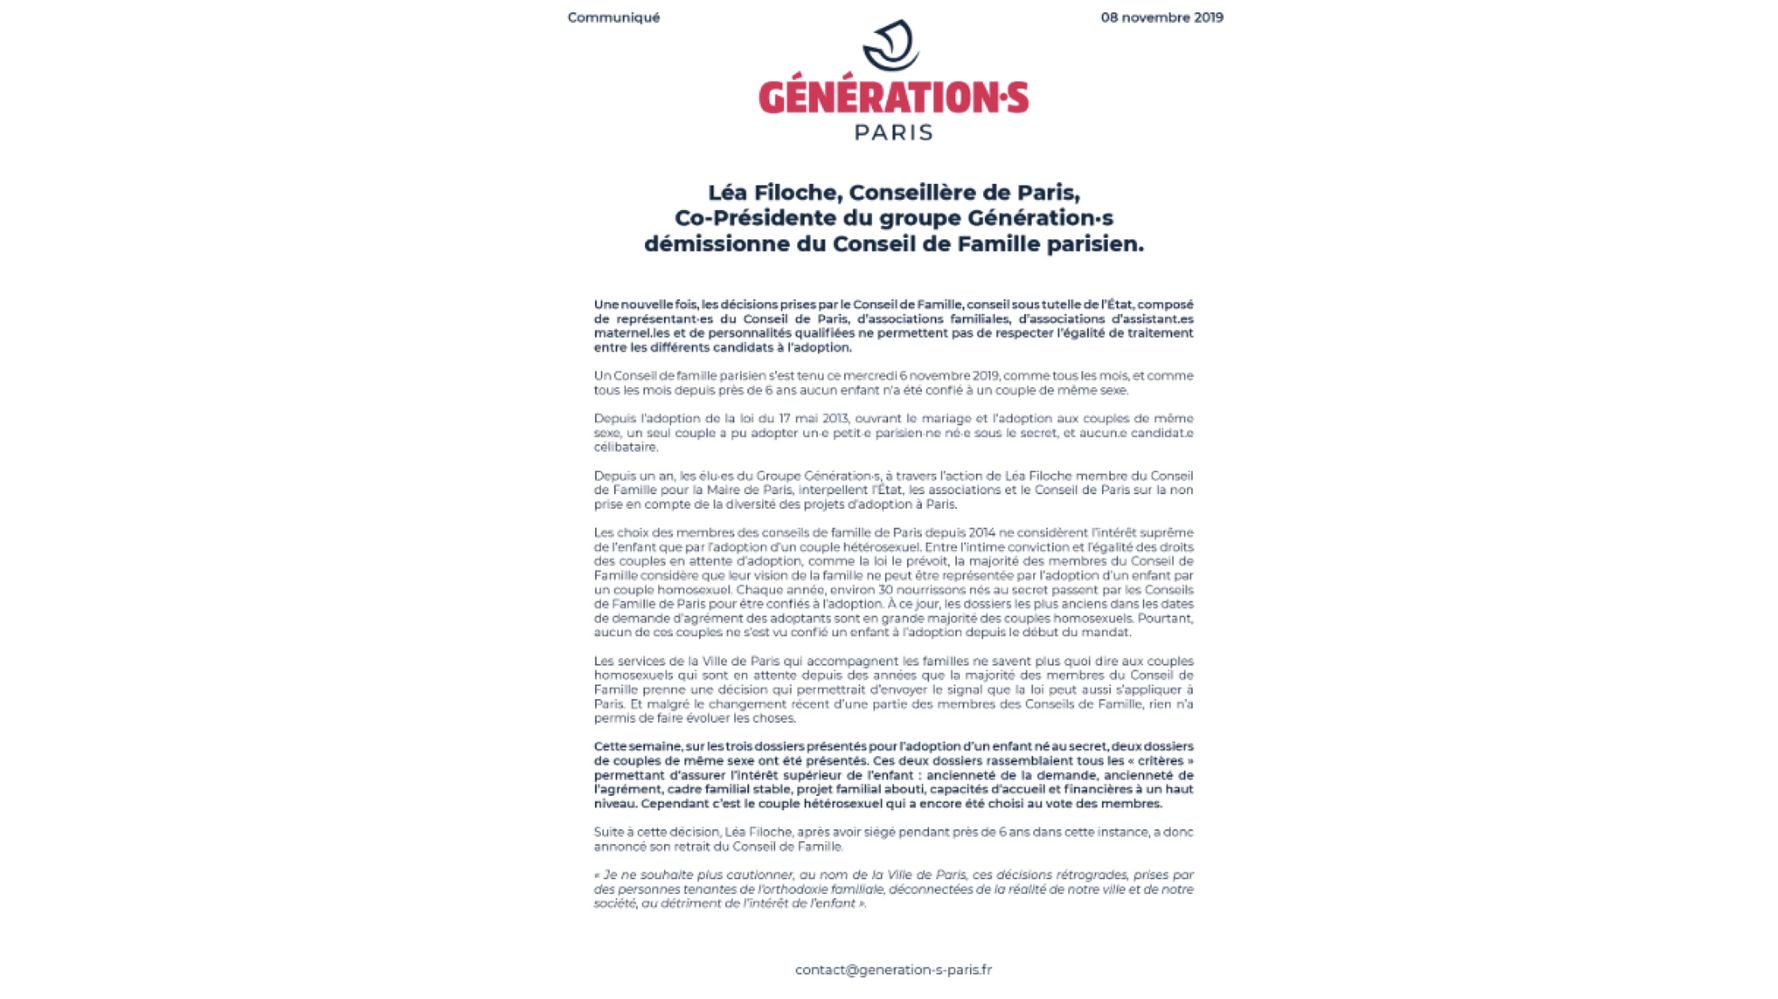 """Les adoptions de couples gays à Paris bloquées par des """"décisions rétrogrades"""", selon une élue"""